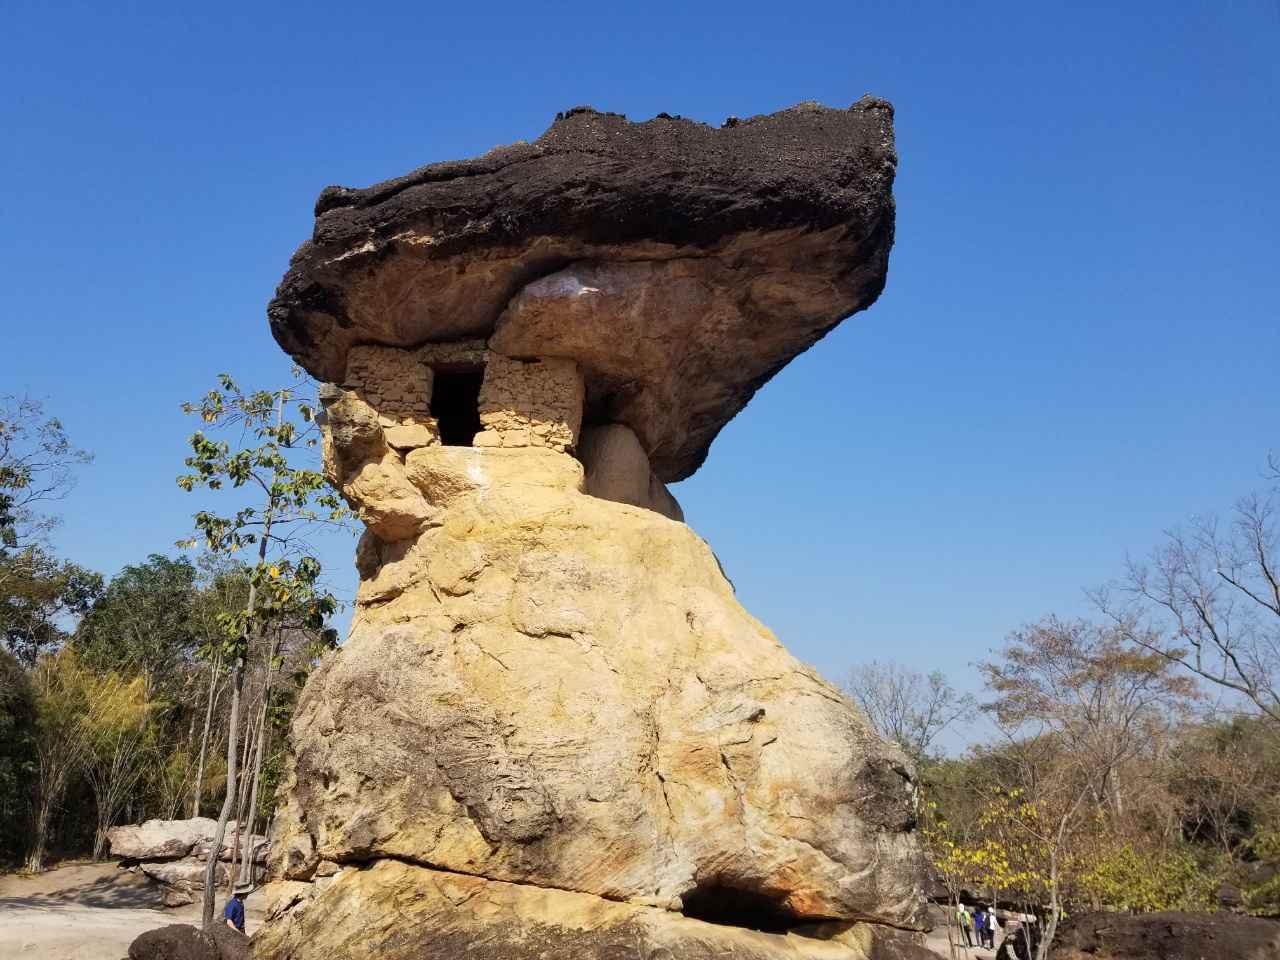 画像: 奇妙な形をした岩がたくさん!(2019年1月弊社スタッフ撮影)